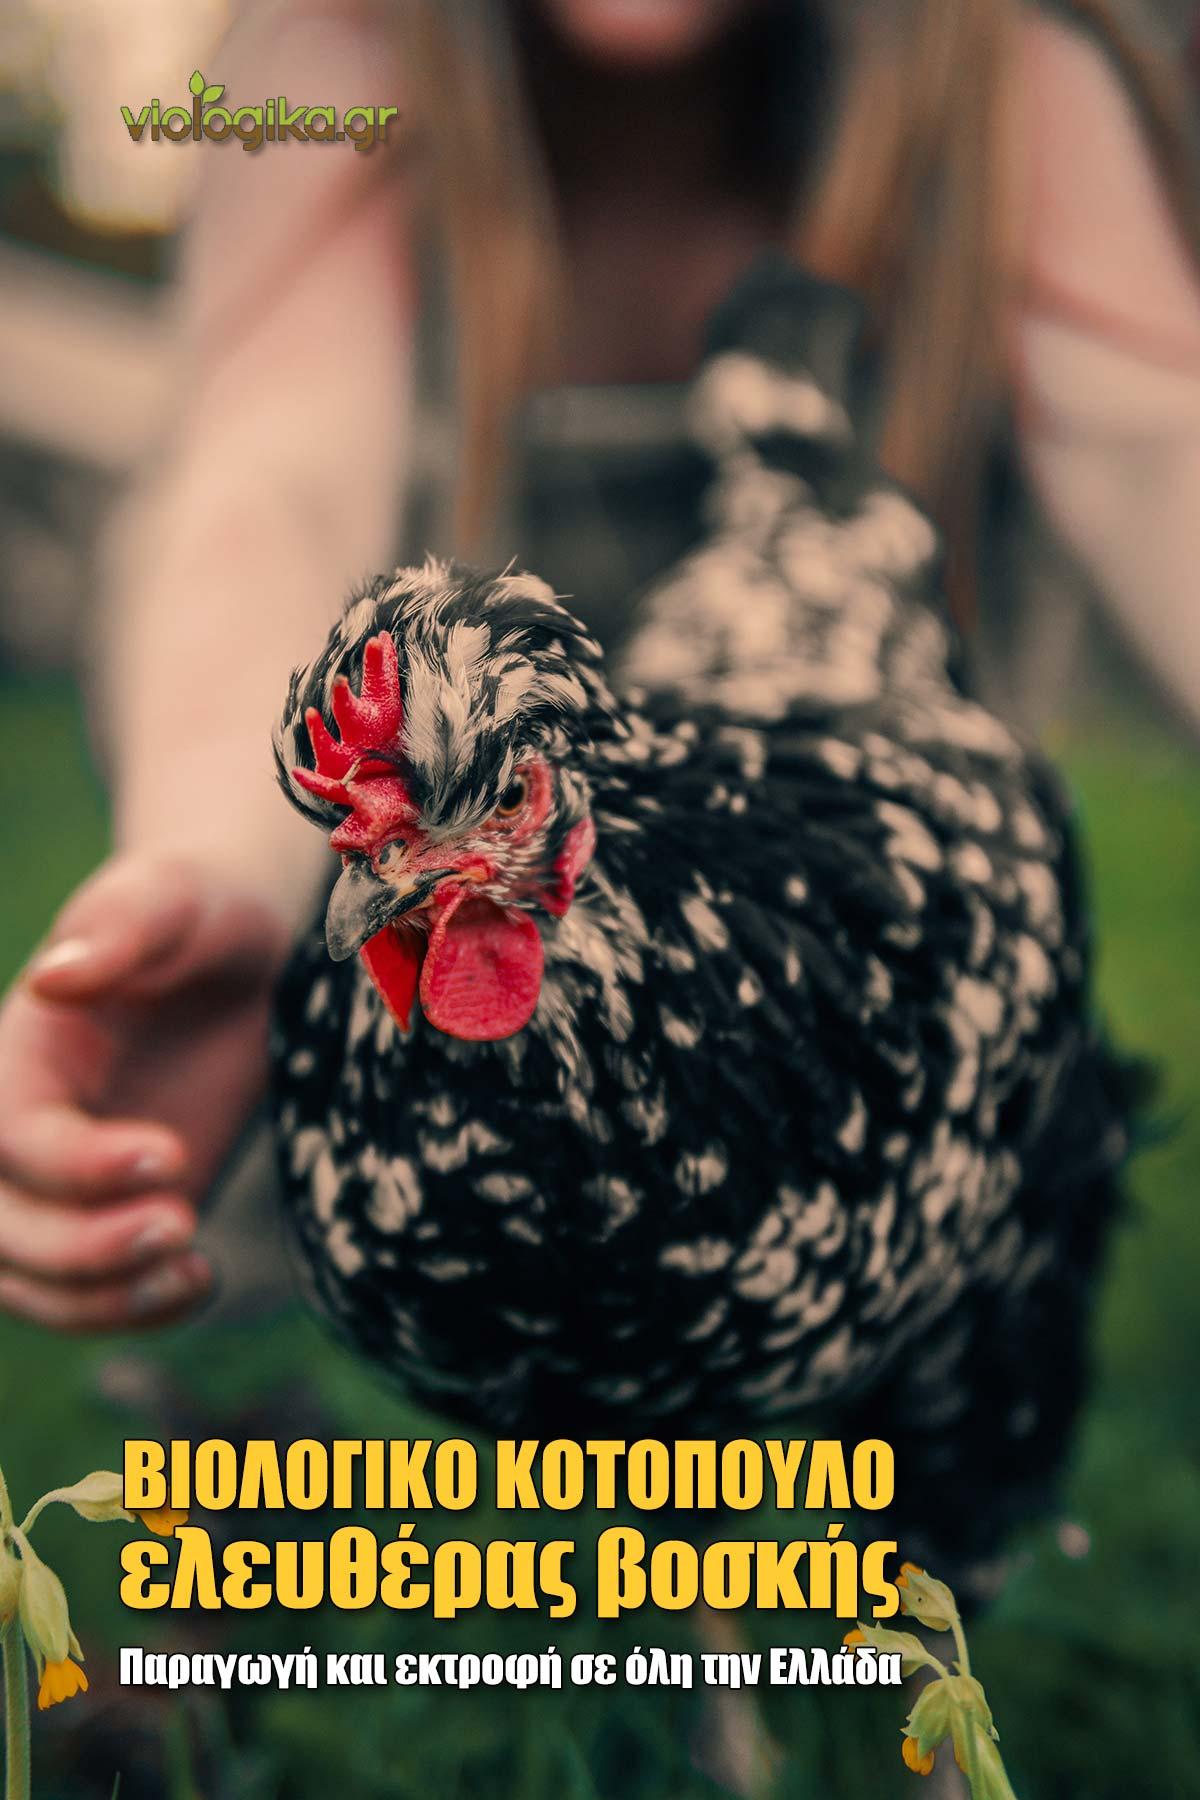 Βιολογικά κοτόπουλα ελευθέρας βοσκής, παραγωγή σε όλη την Ελλάδα